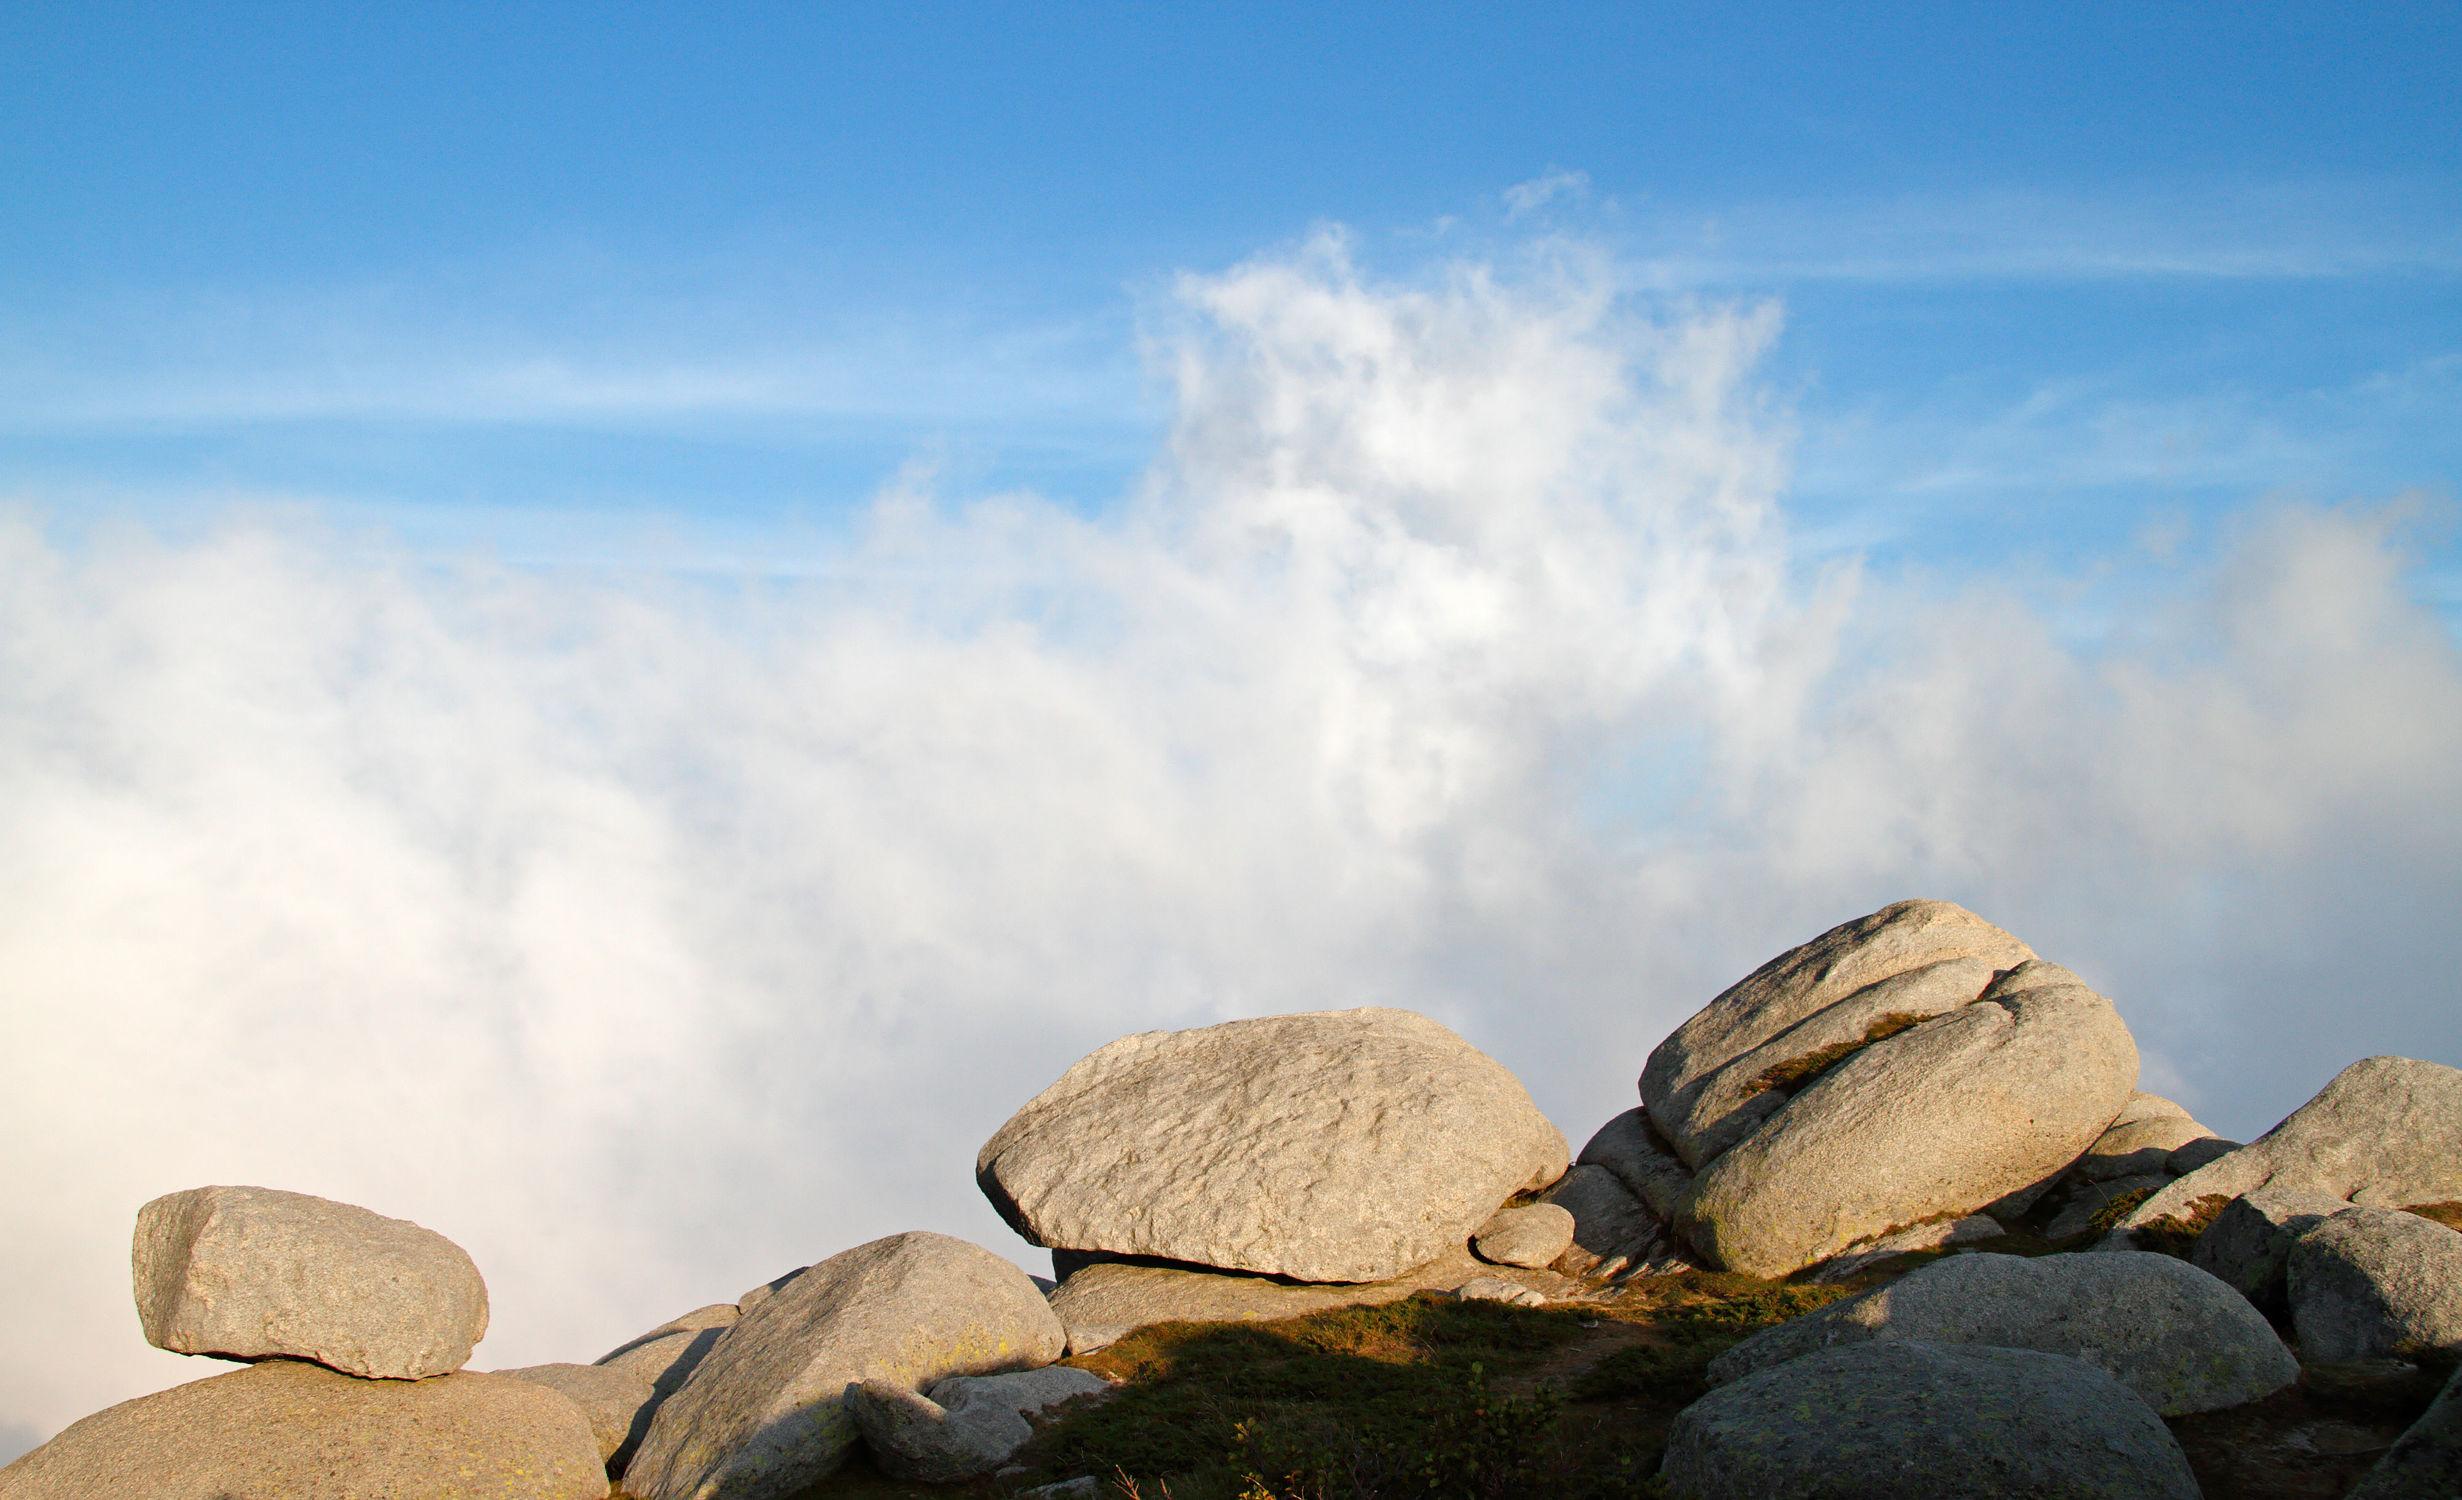 Bild mit Landschaften, Felsen, Stein, Landschaft, Steine, Gebirge, Fels